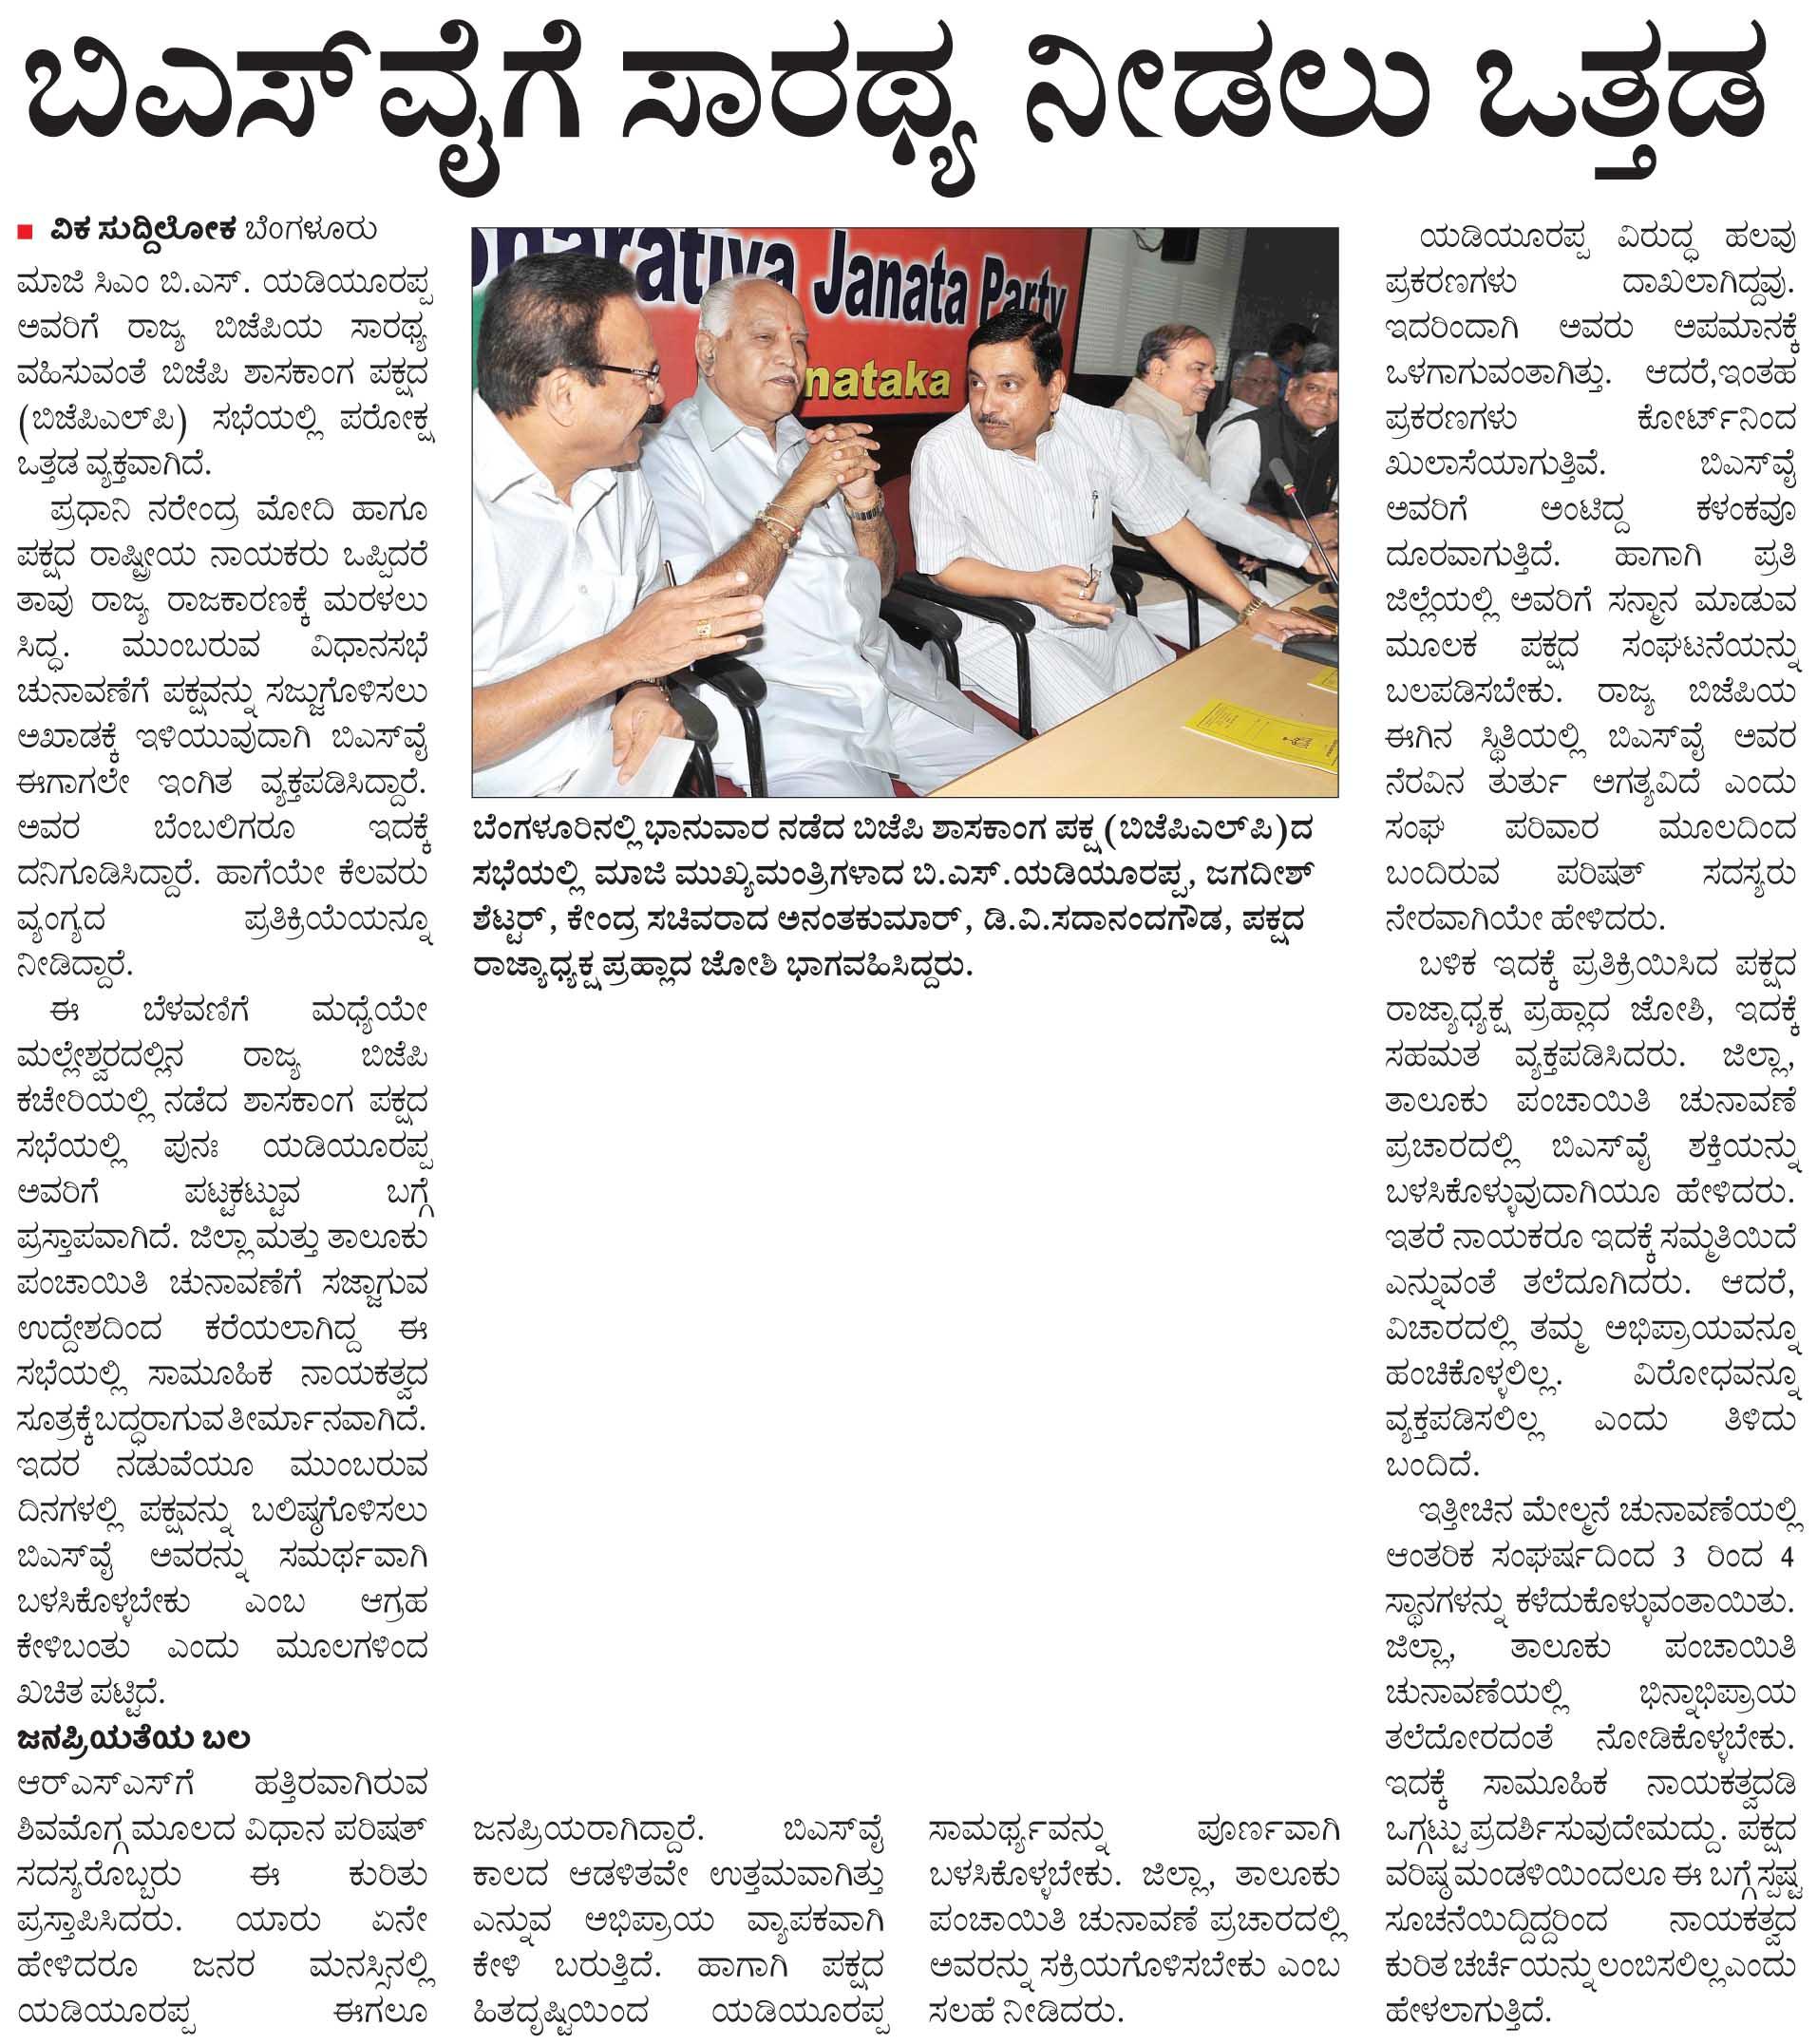 ವಿಜಯ ಕರ್ನಾಟಕ 14-01-2016, ಪುಟ 7